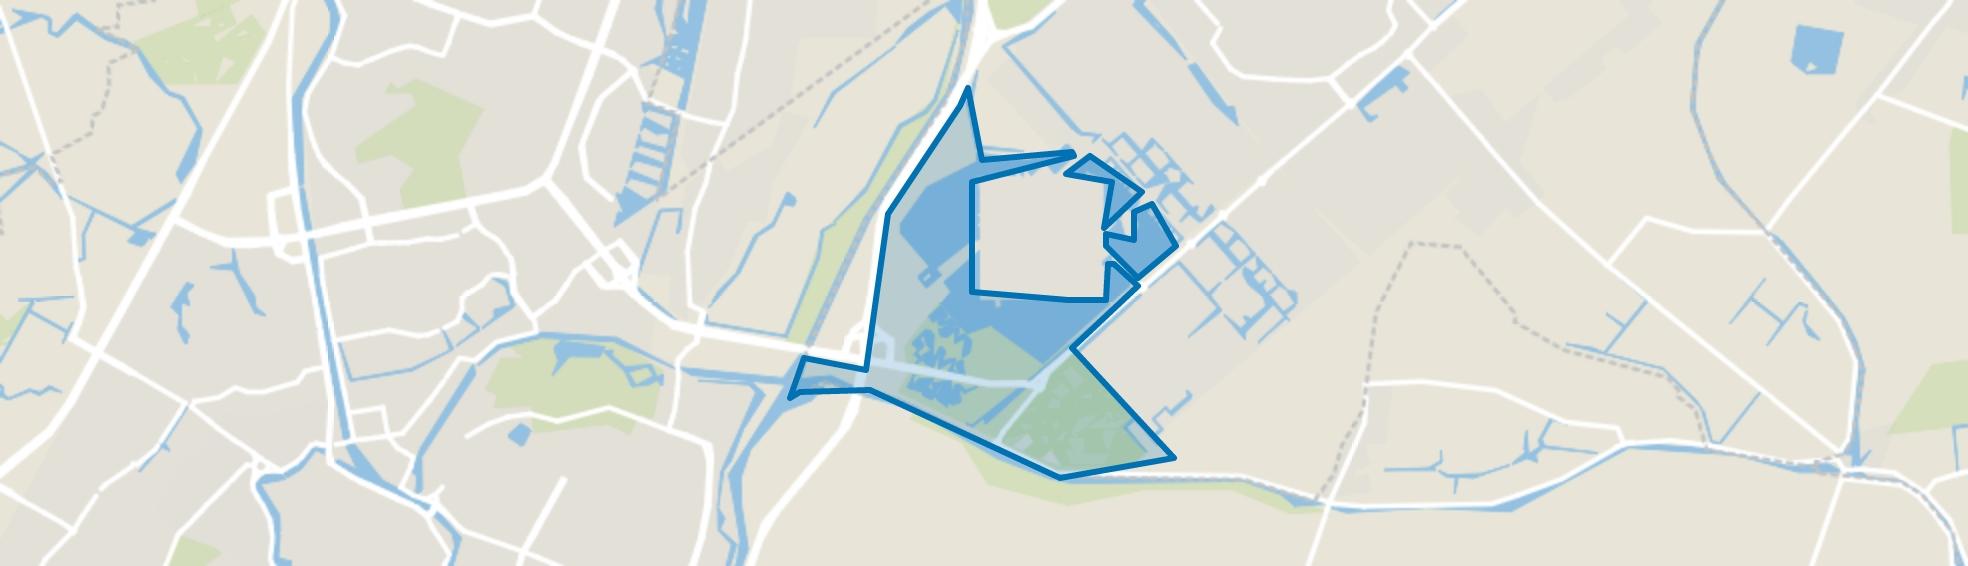 Park van Luna, Heerhugowaard map